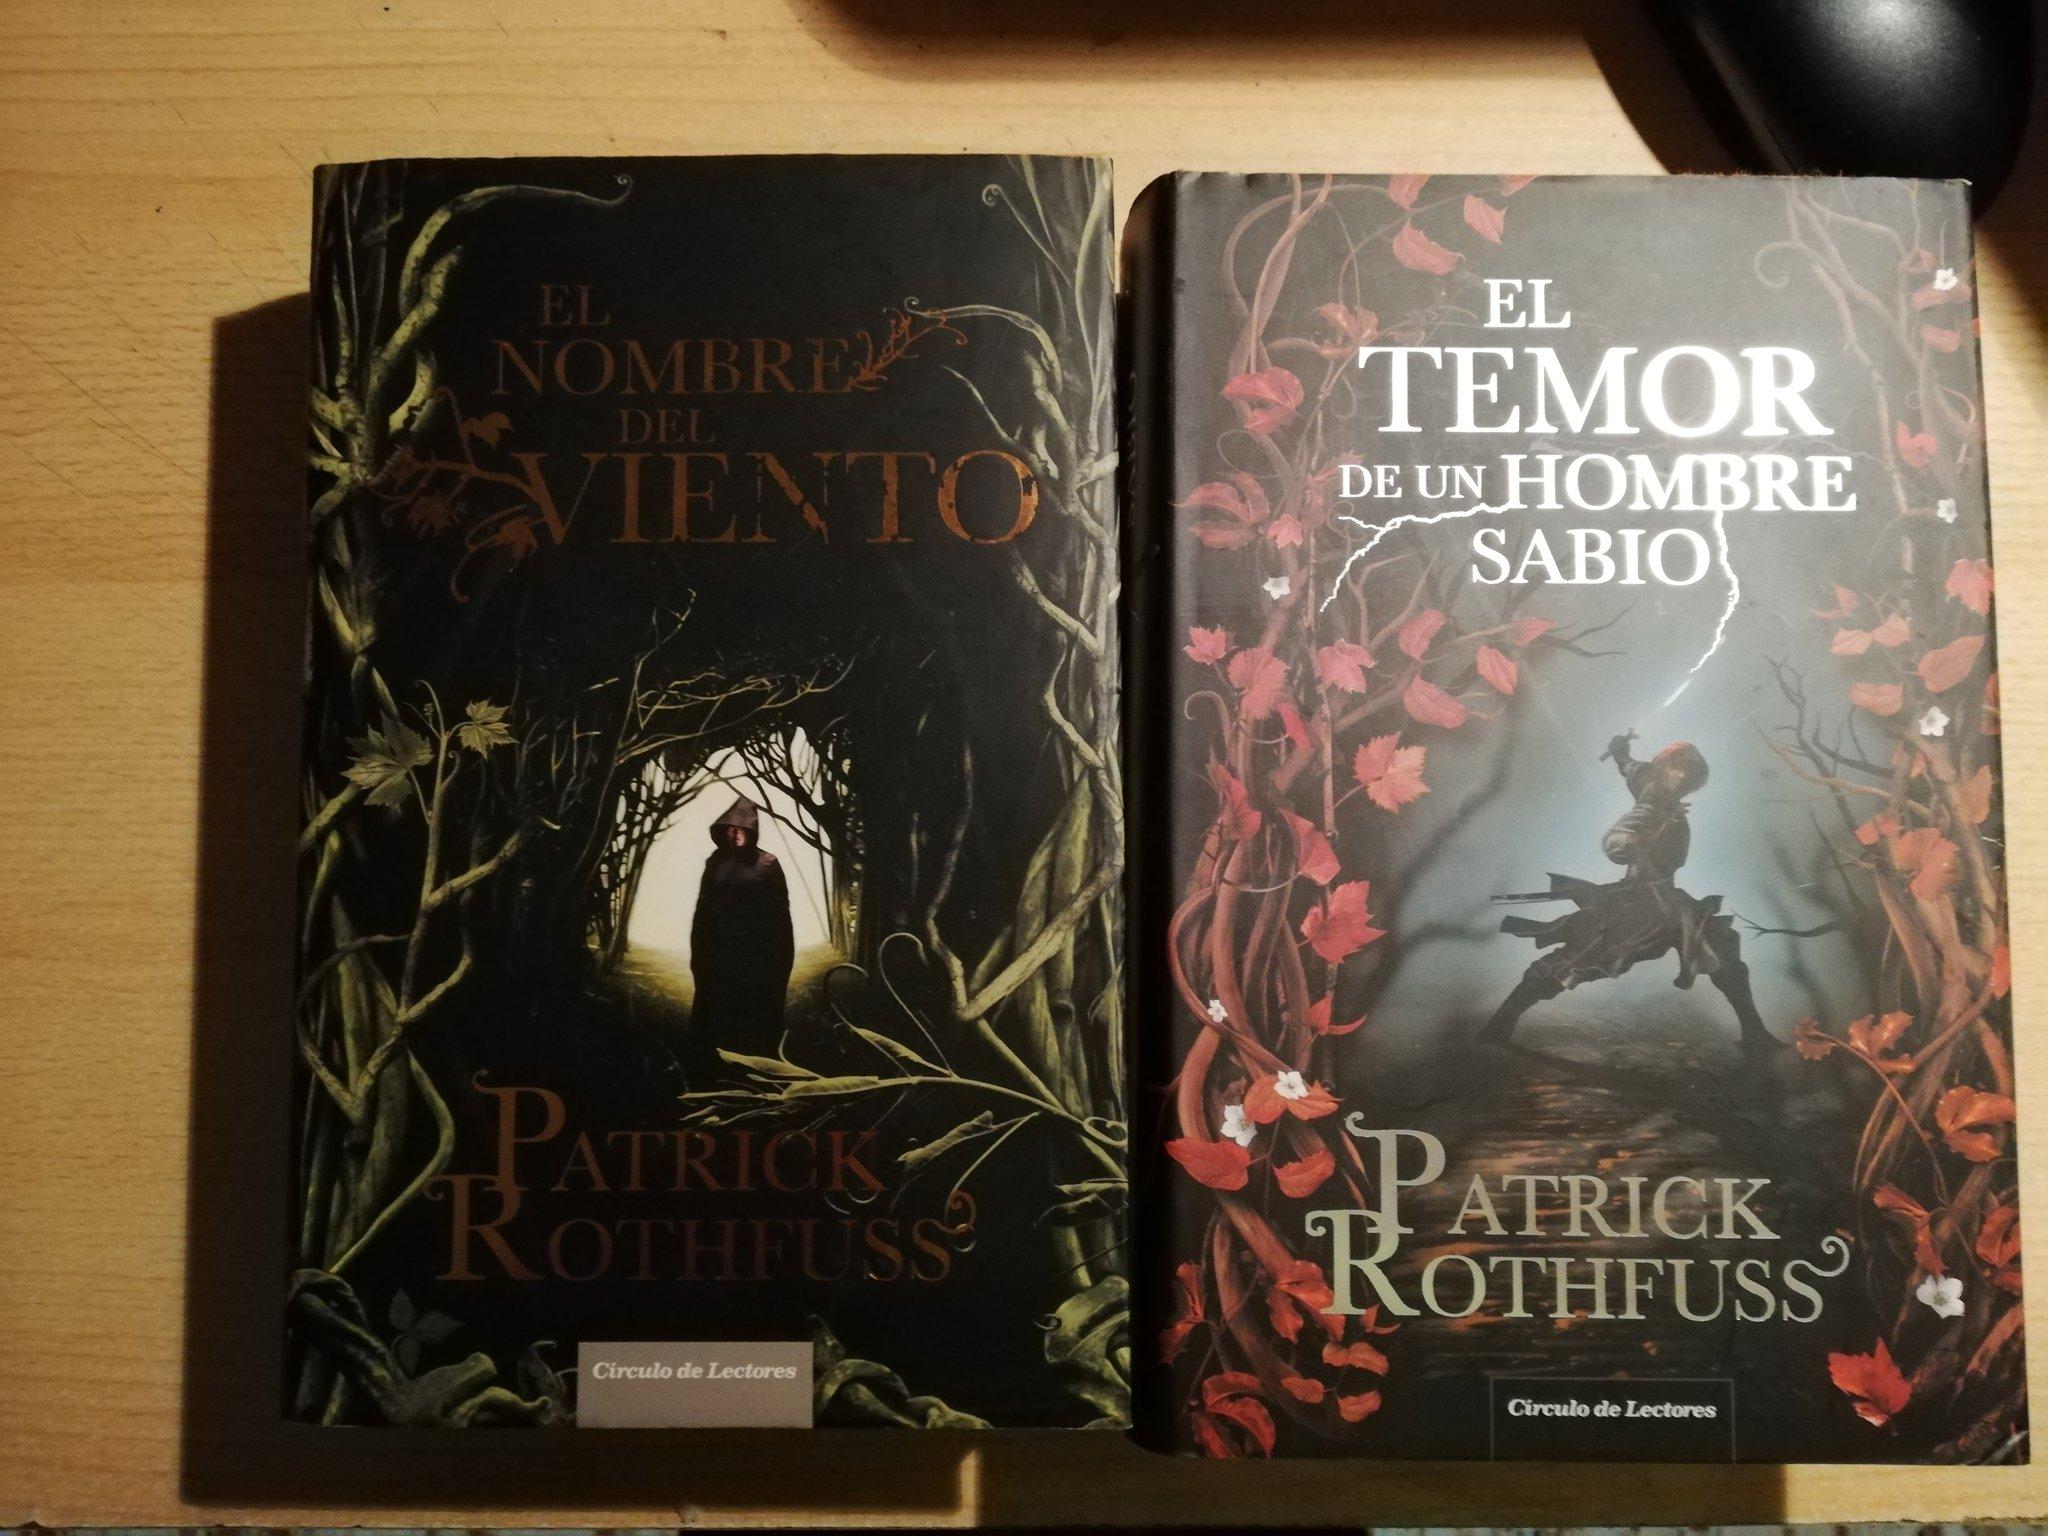 """B. Atrix 📚 Twitter પર: """"#LunesDeFantasia Trilogía Crónica del Asesino de  Reyes. 1. El nombre del viento 2. El temor de un hombre sabio 3."""